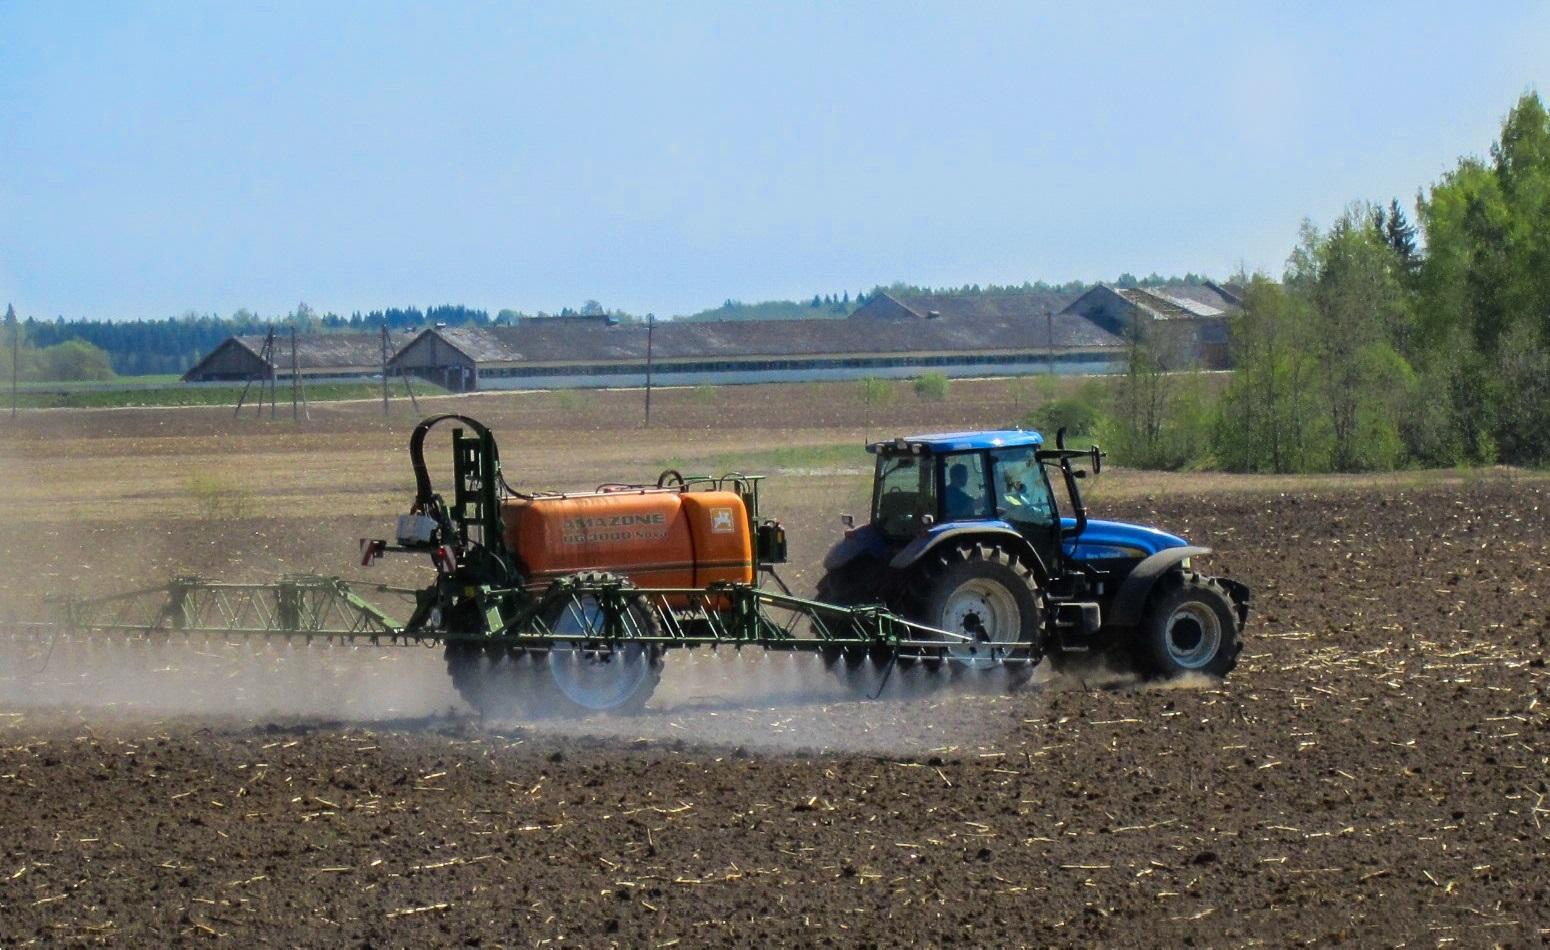 Des dérogations pour l'épandage de pesticides ? Nous déposons des recours